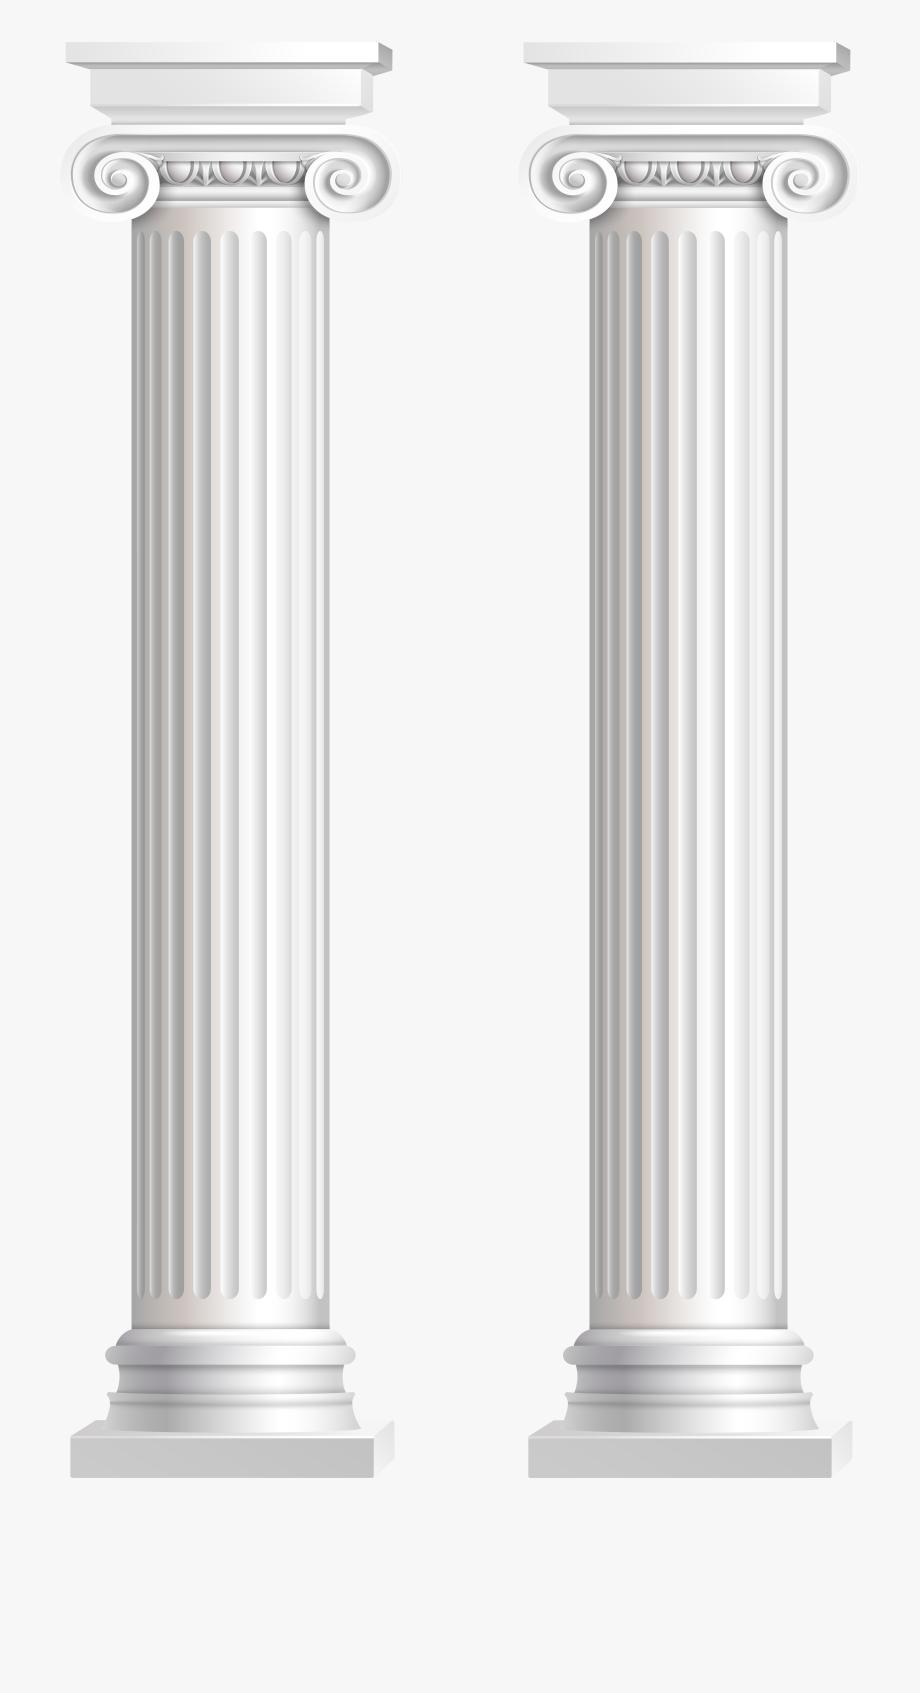 Pillars Transparent Png Clip Art Image.